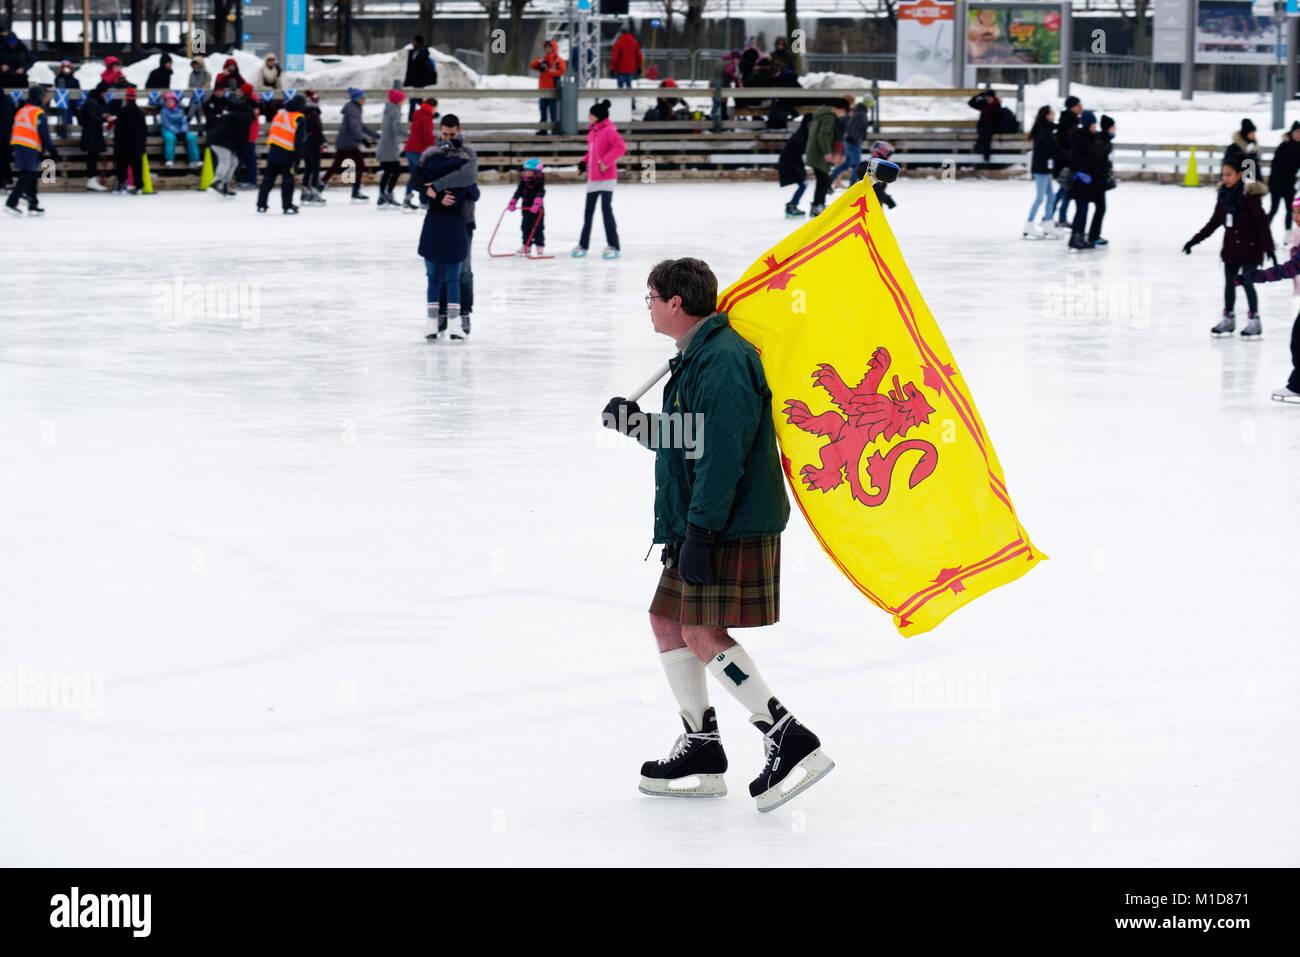 Ein Skater in Montreal Old Port Durchführung der Schottischen Royal Standard, ihrer schottischen Herkunft Feiern Stockbild